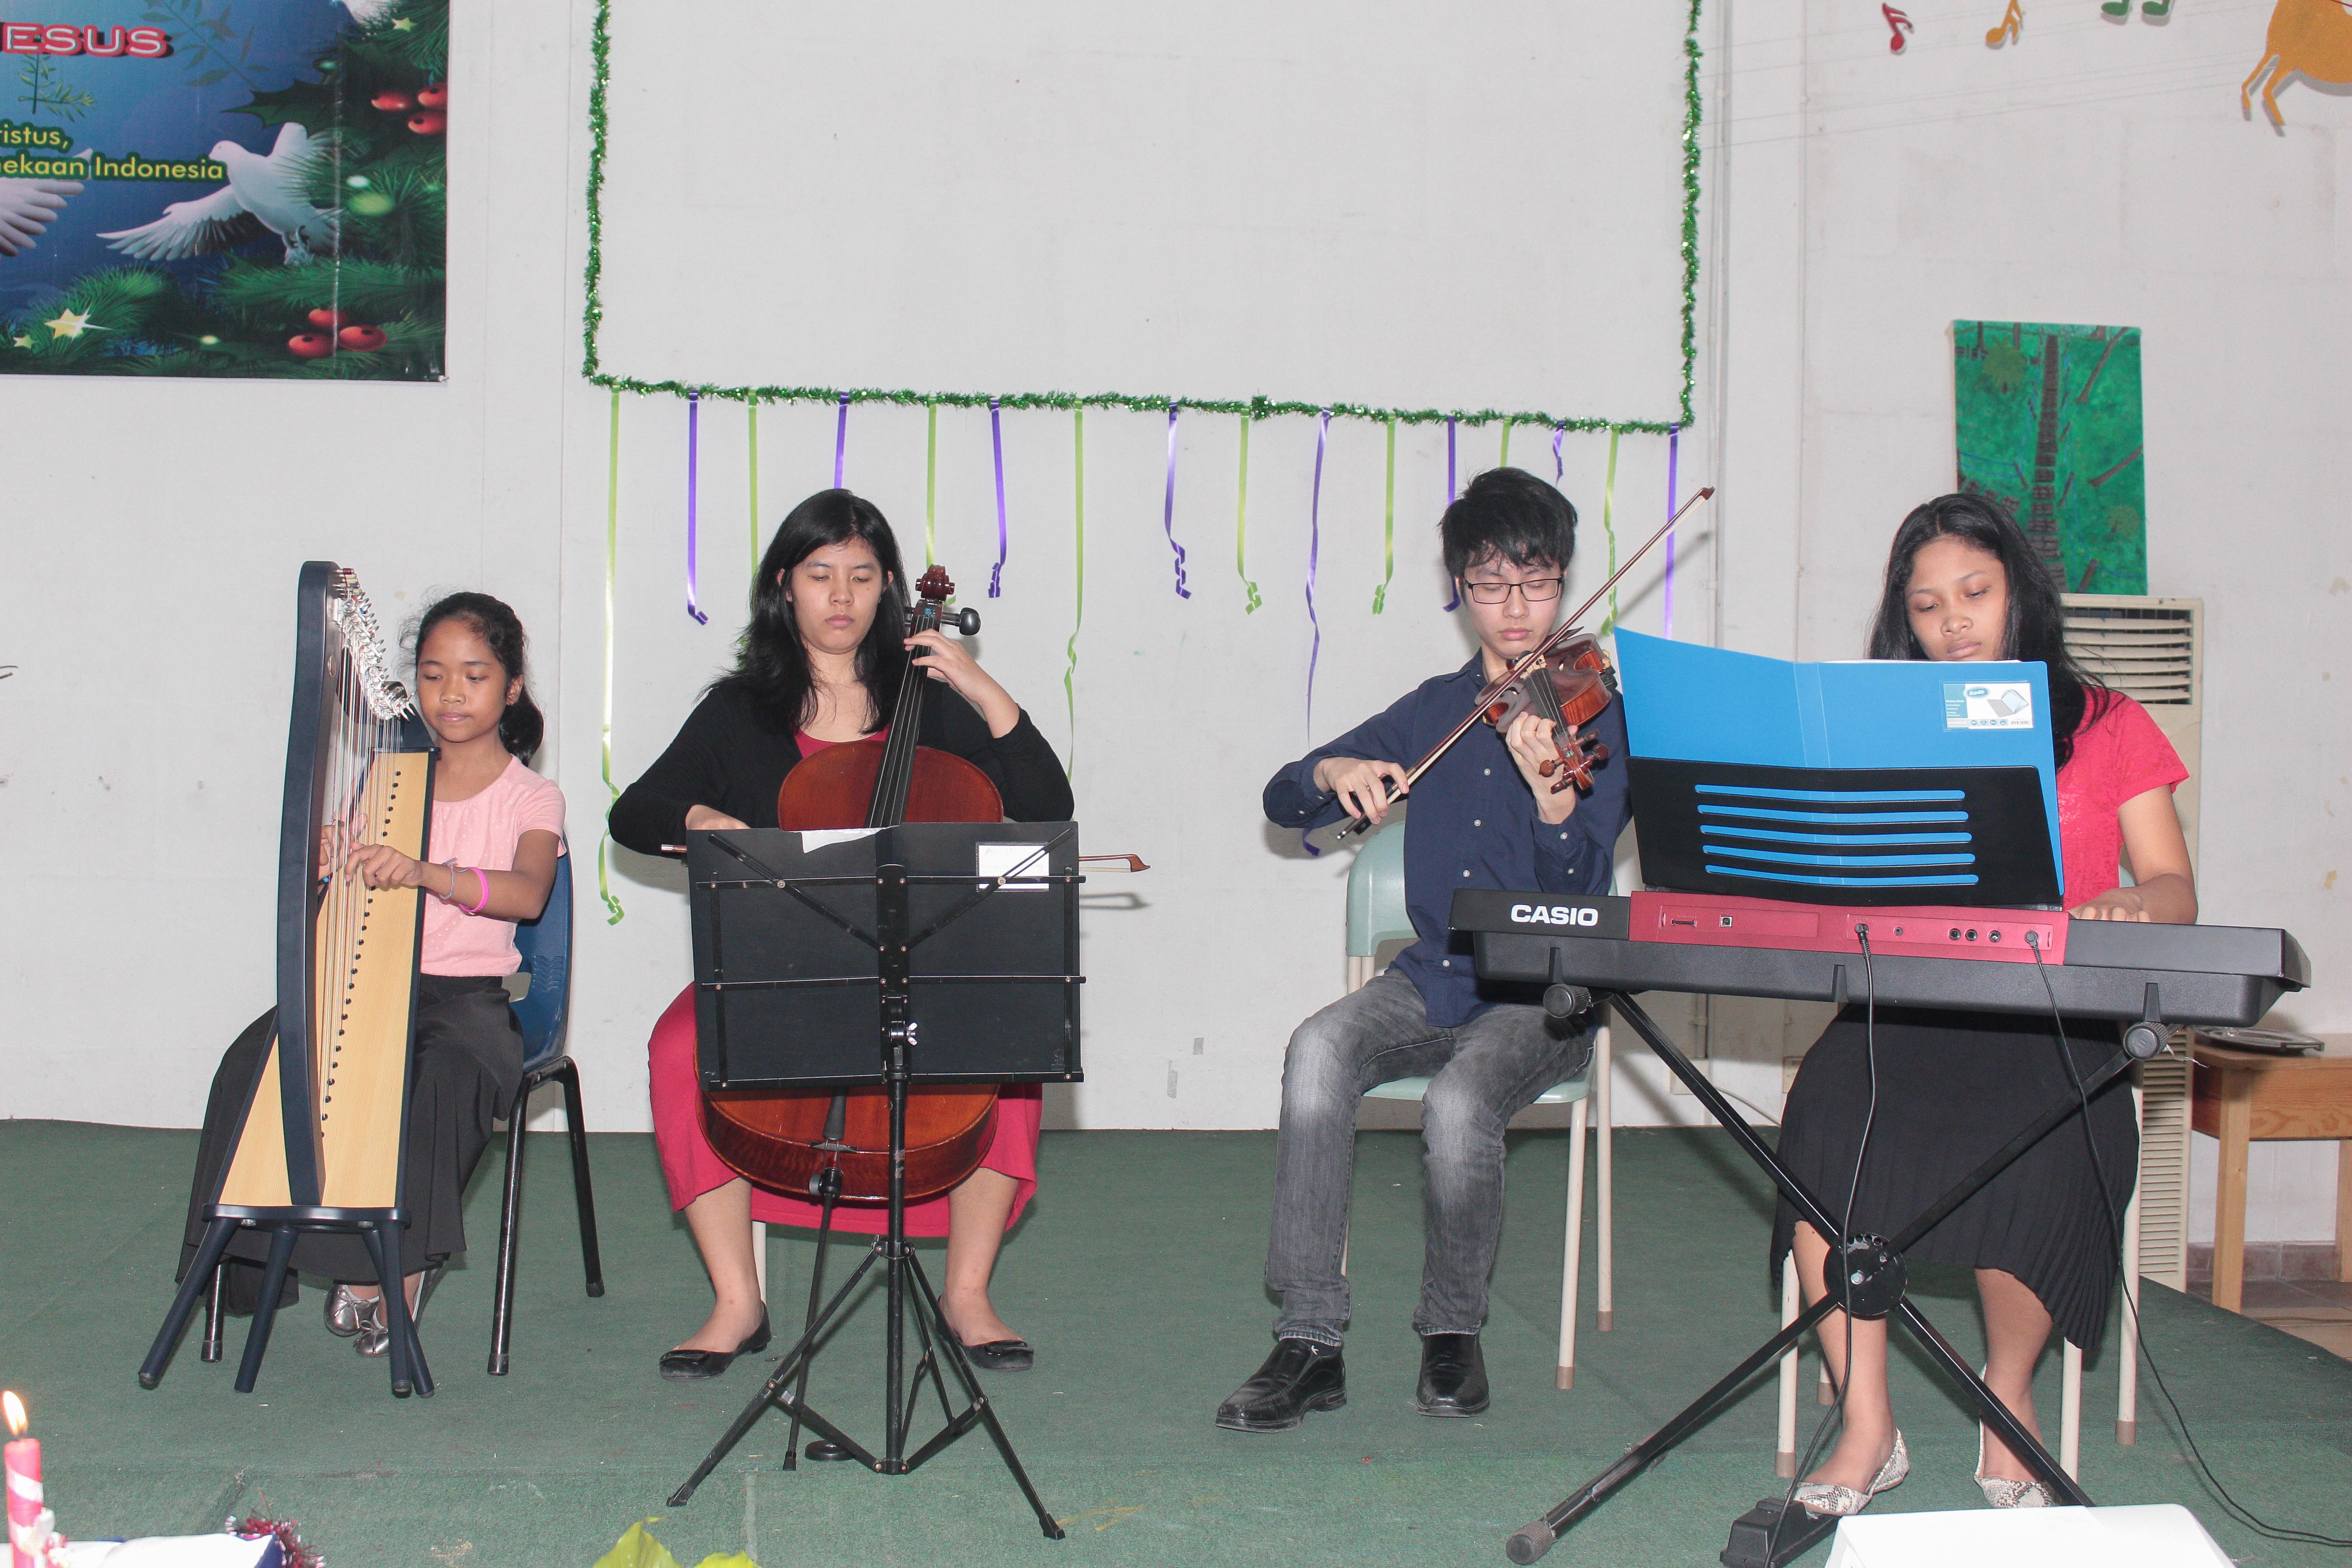 Sekolah anak inodoneia-Natal-sekolah papua-natal 2016-sekolah anak papua-perayaan natal papua-perayaan natal anak papua